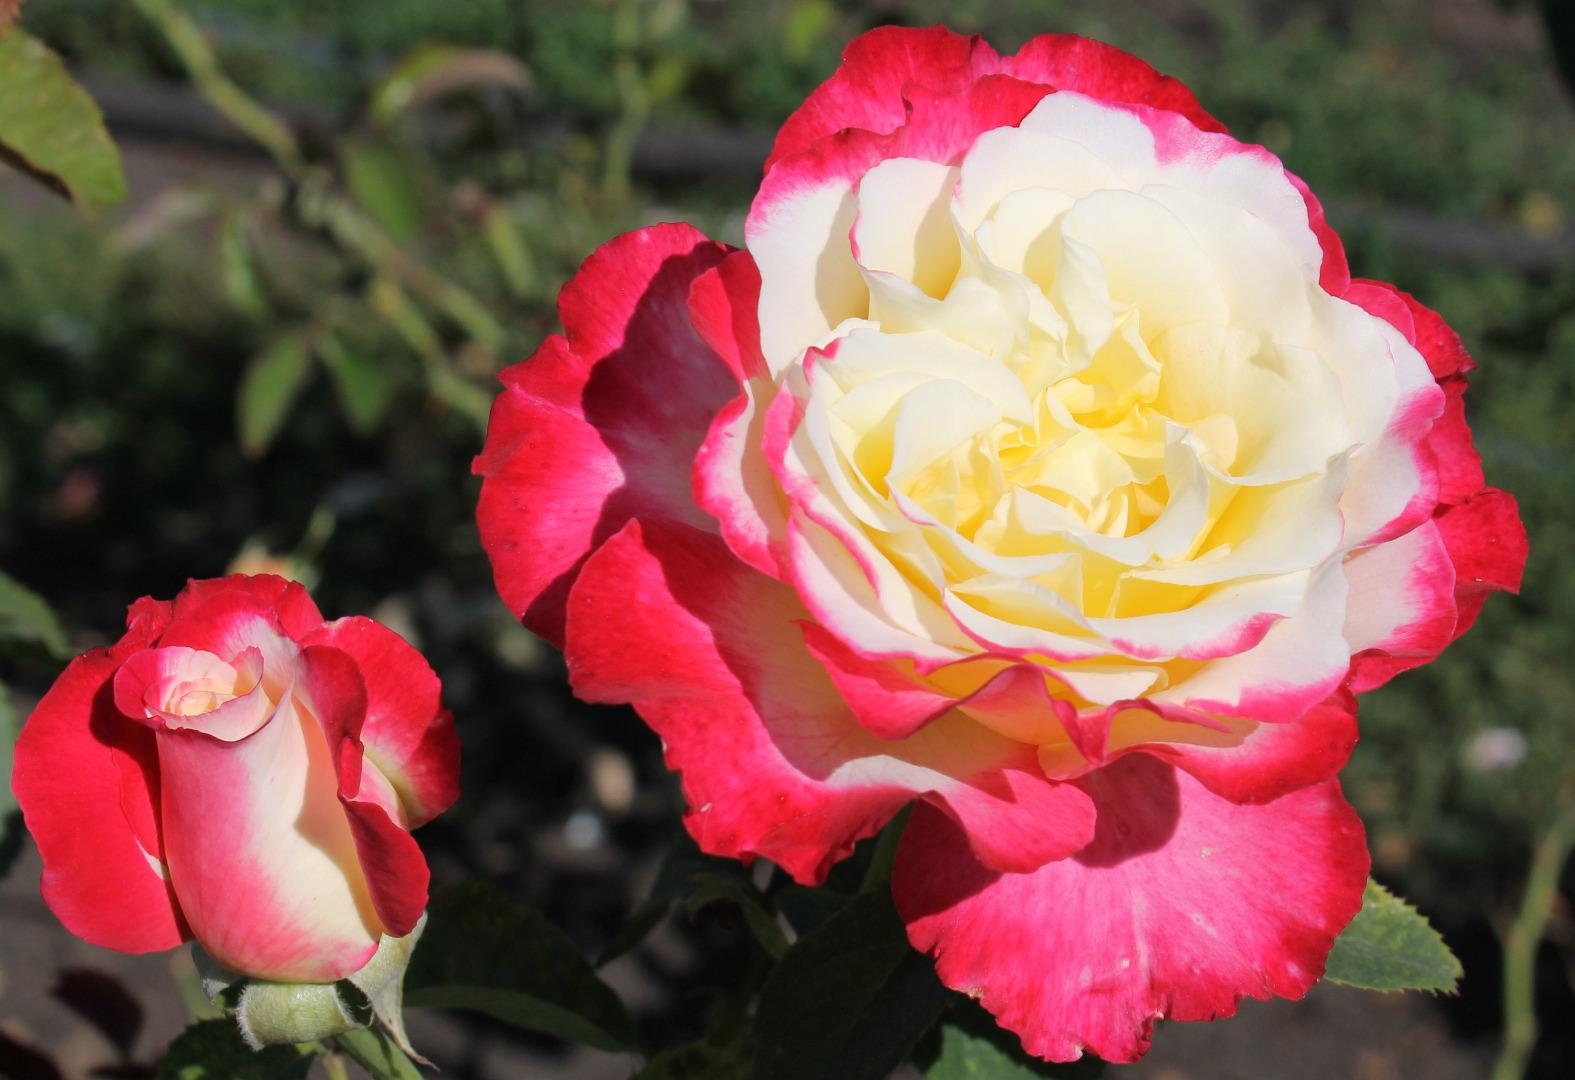 красивая роза дабл дилайт фото и описание такой необычной